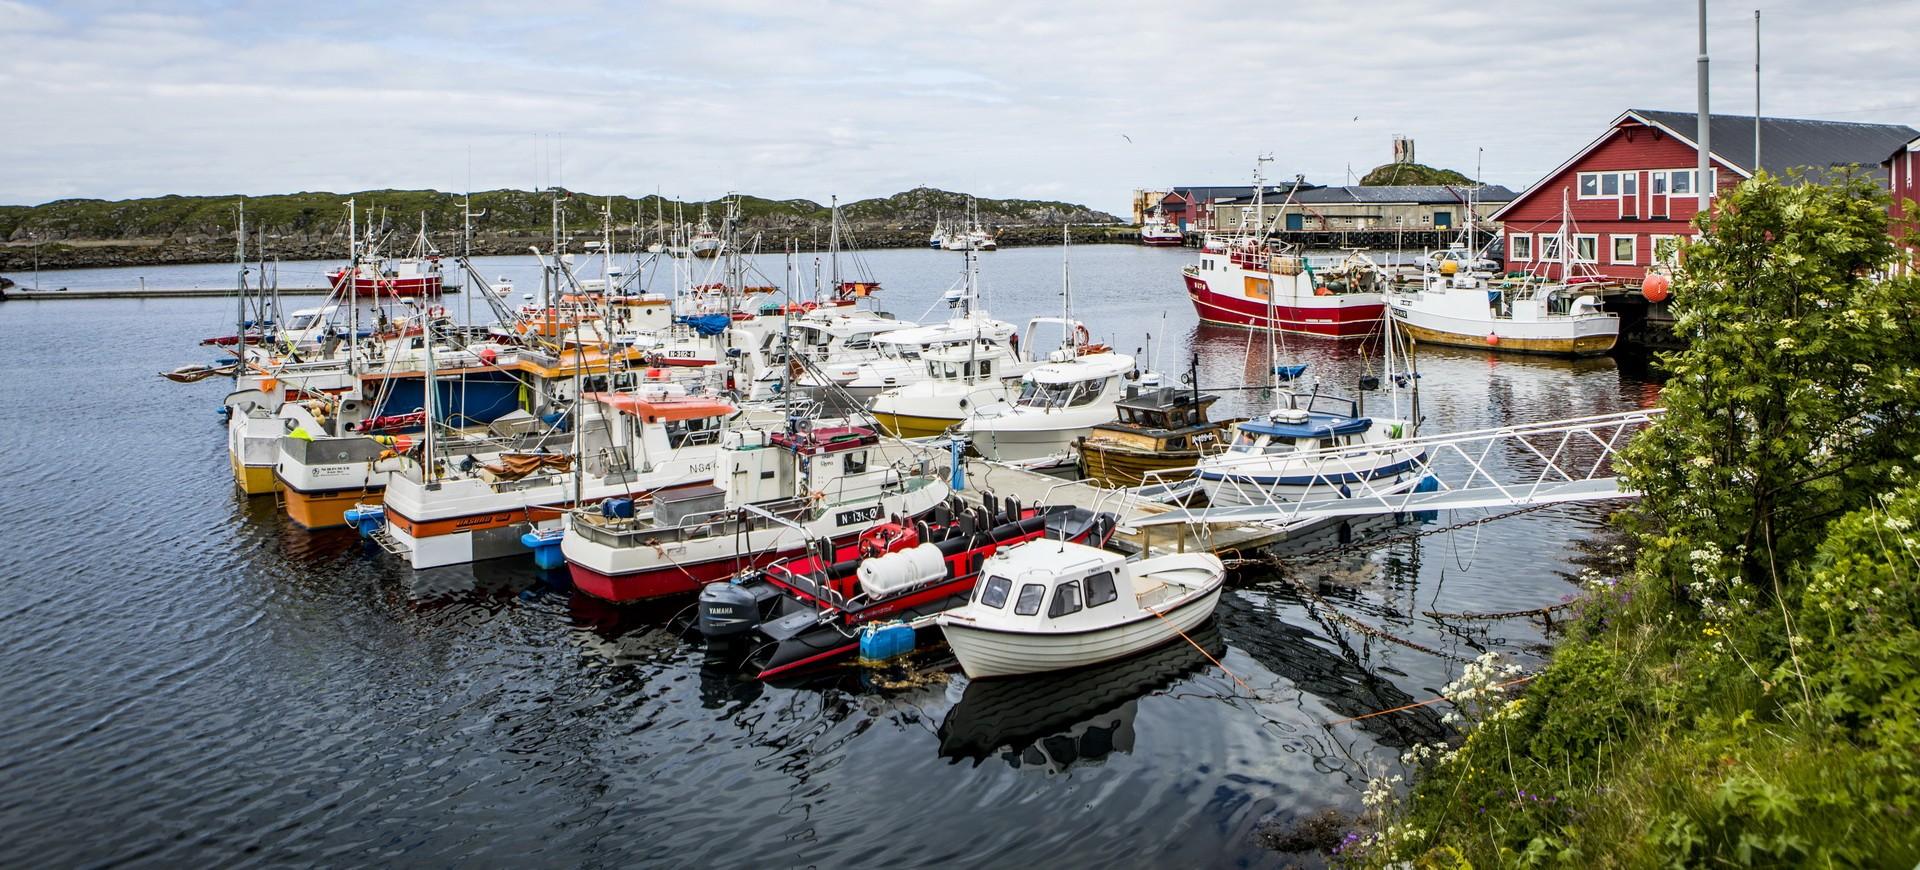 Un ancien village de Pêcheurs à Nyksund en Norvège